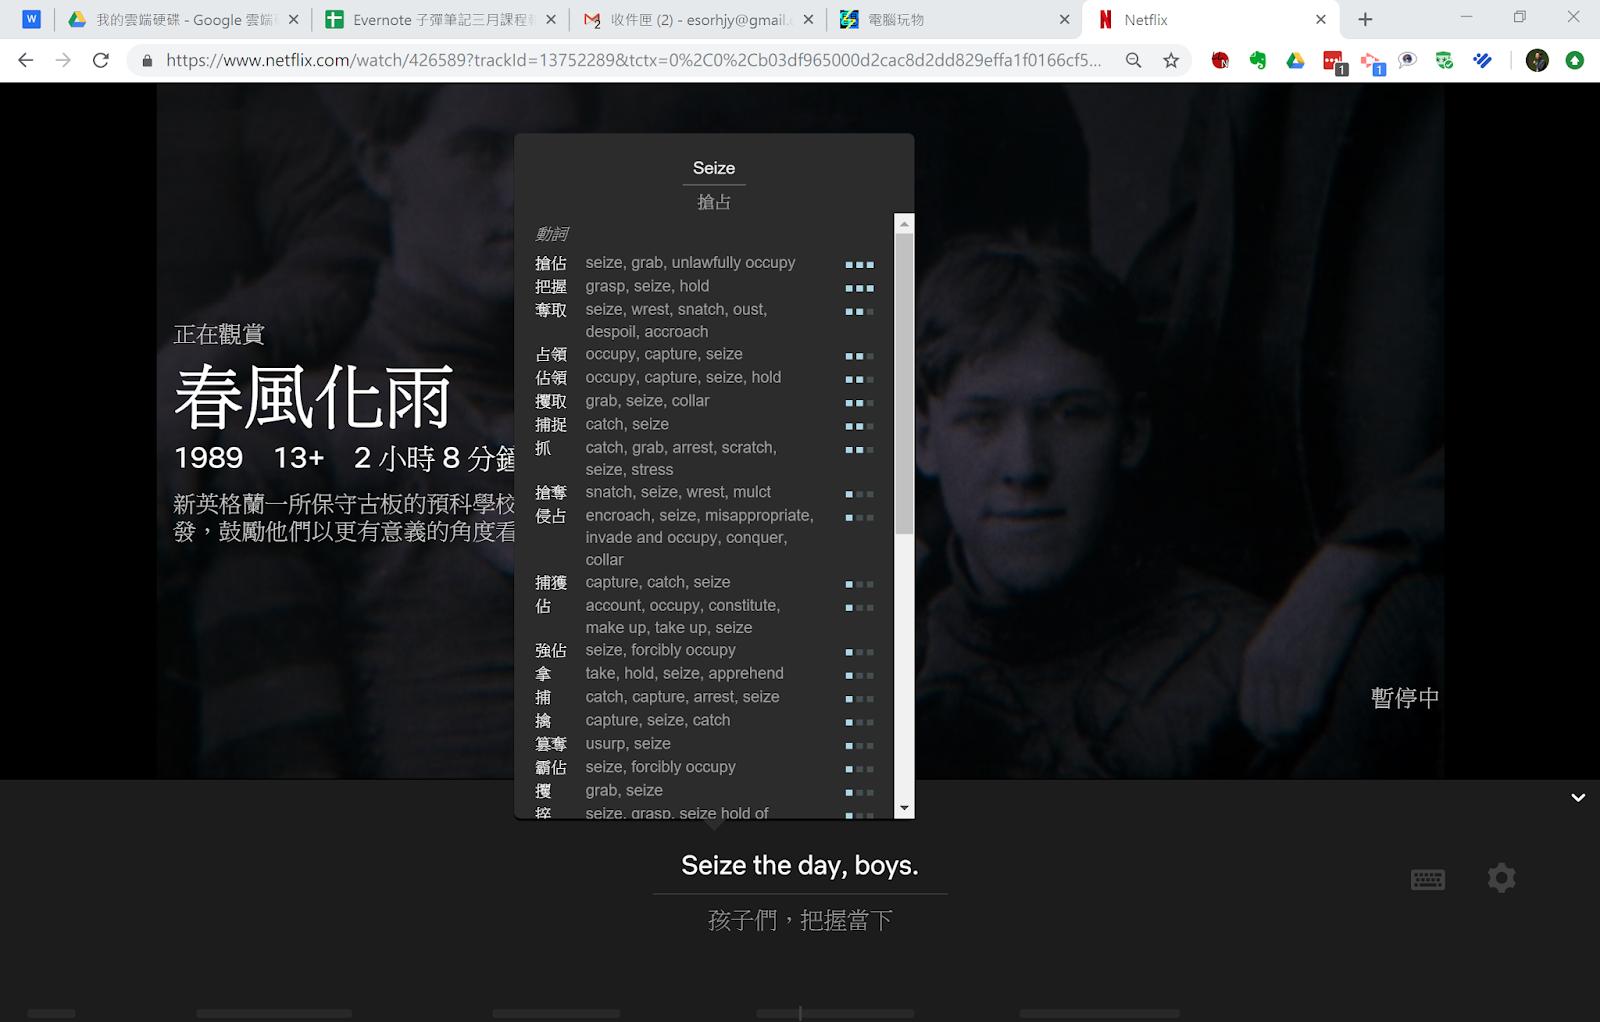 看 Netflix 學英文,用特製雙字幕工具看經典電影,美劇學英文